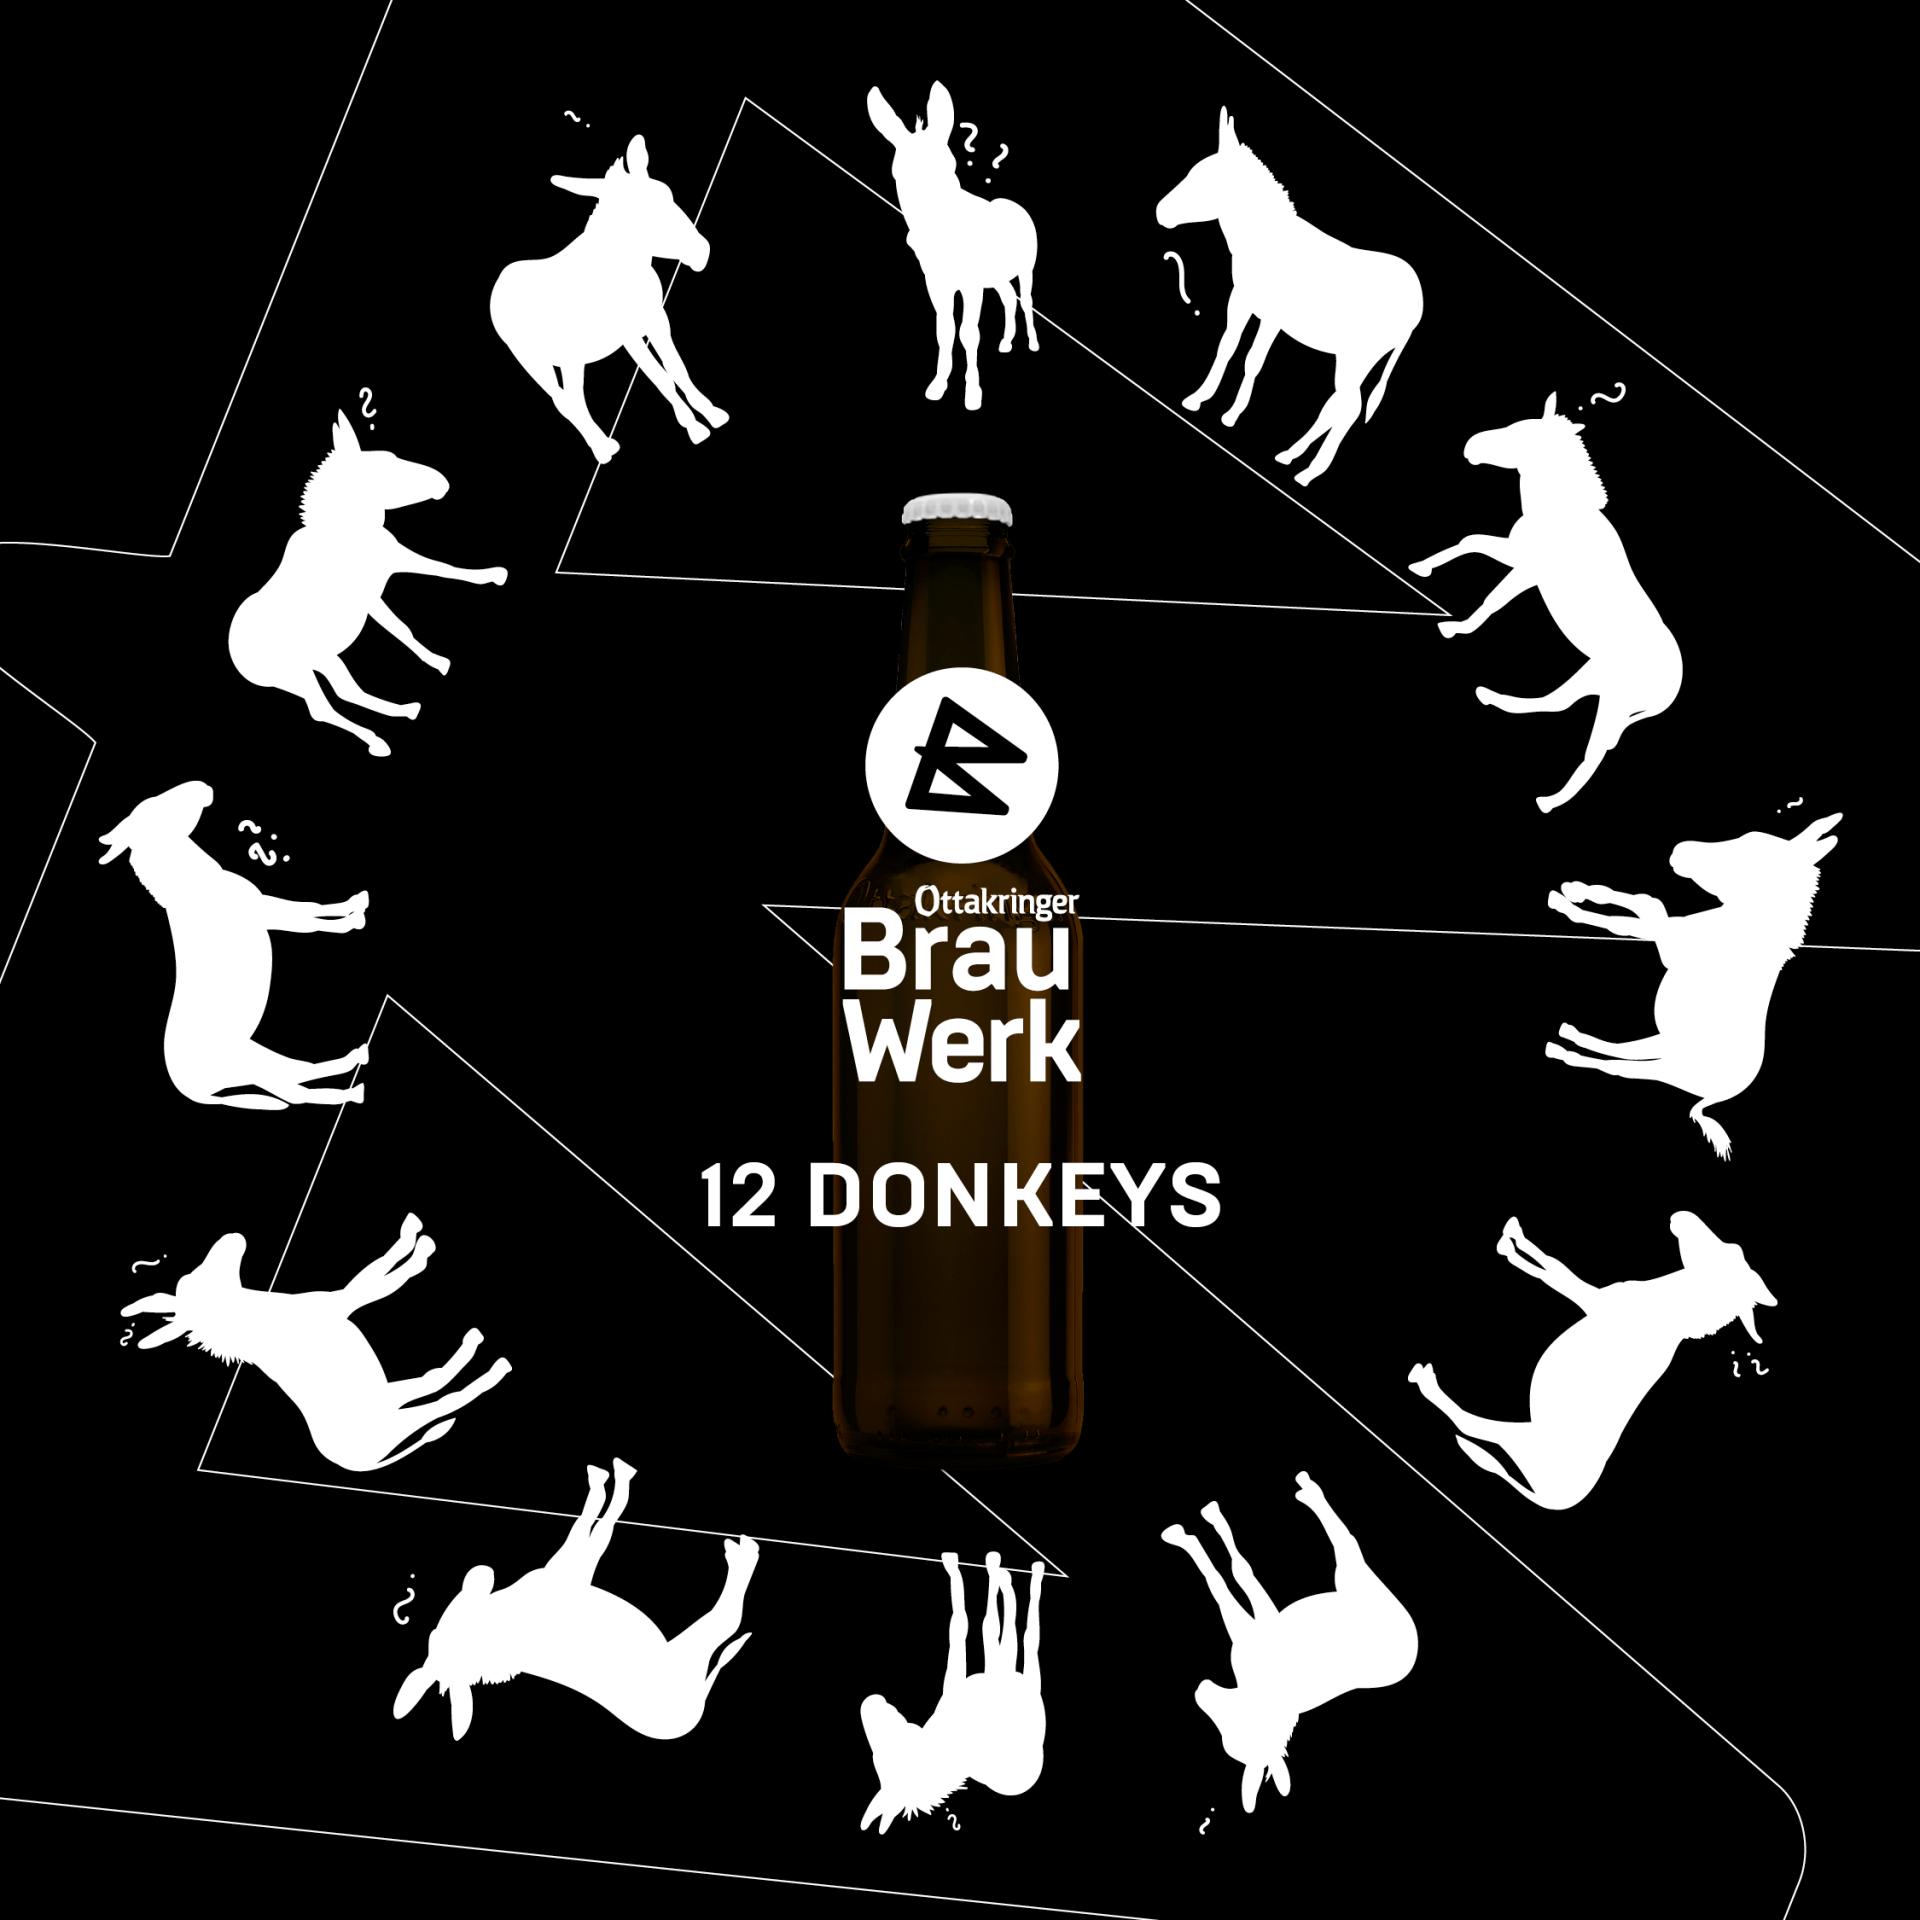 12 DONKEYS